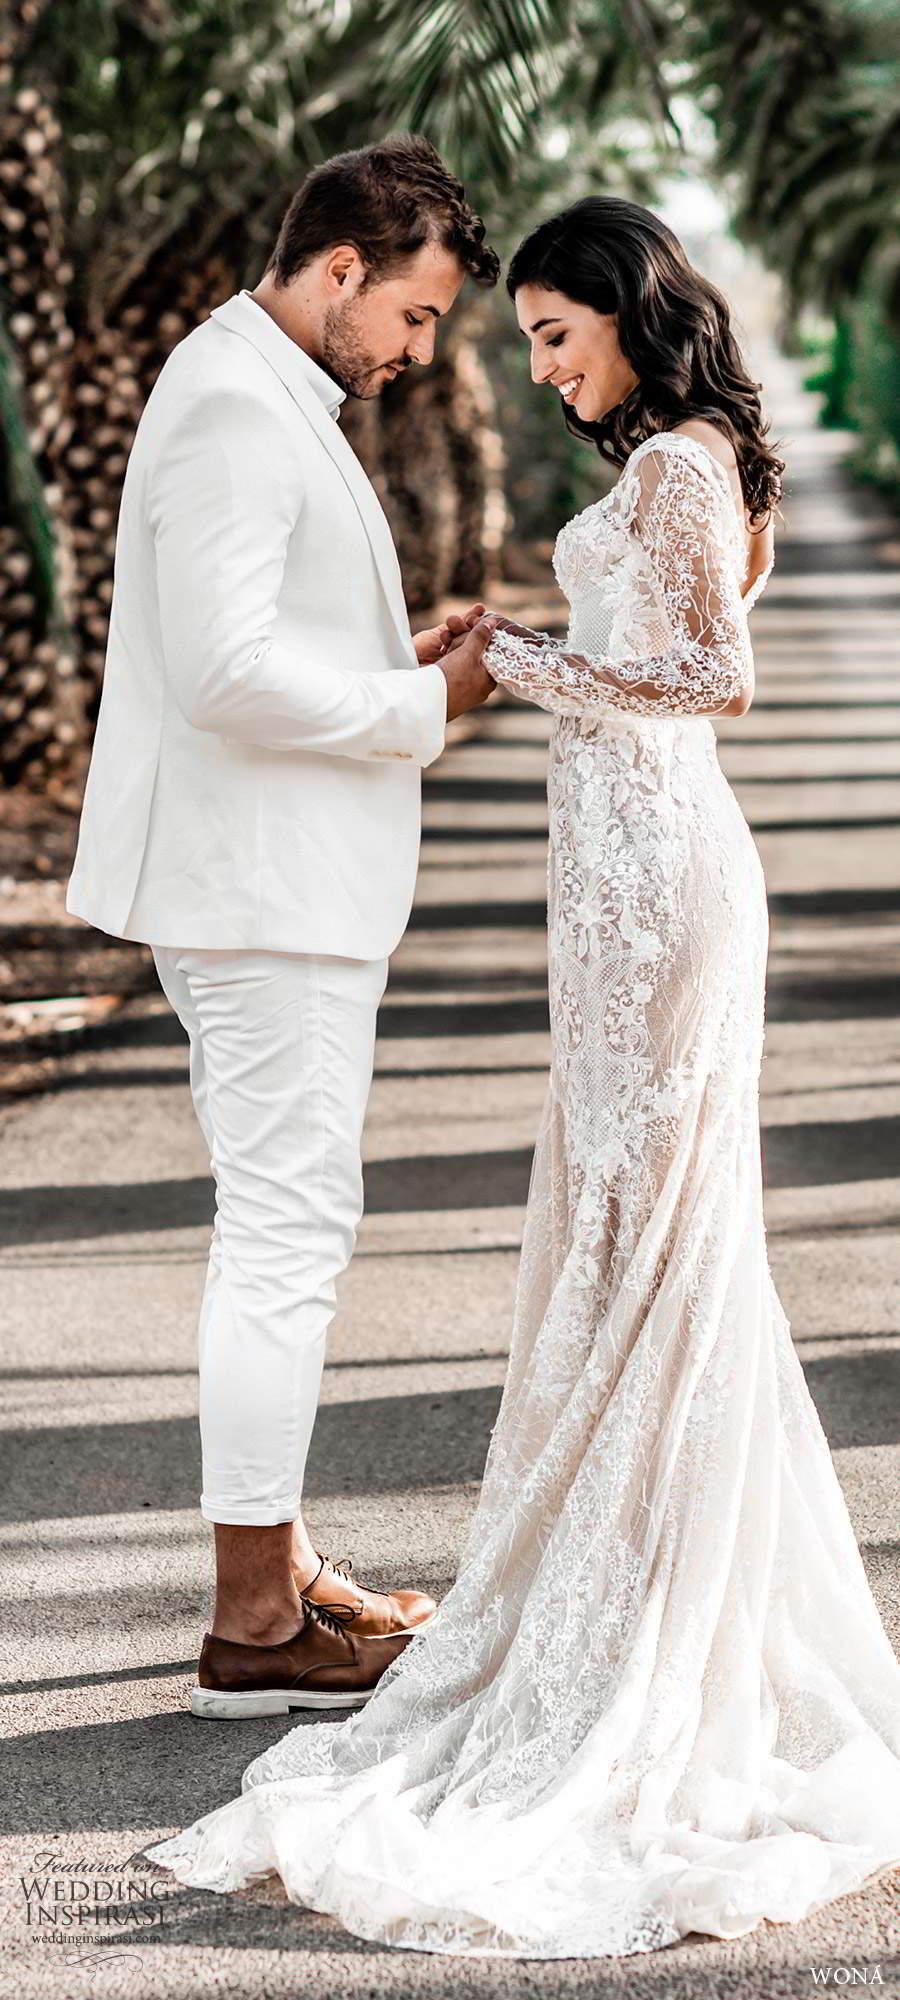 wona fall 2020 bridal illusion long sleeves sweetheart neckline fully embellished lace fit flare mermaid wedding dress blush v back chapel train (12) mv